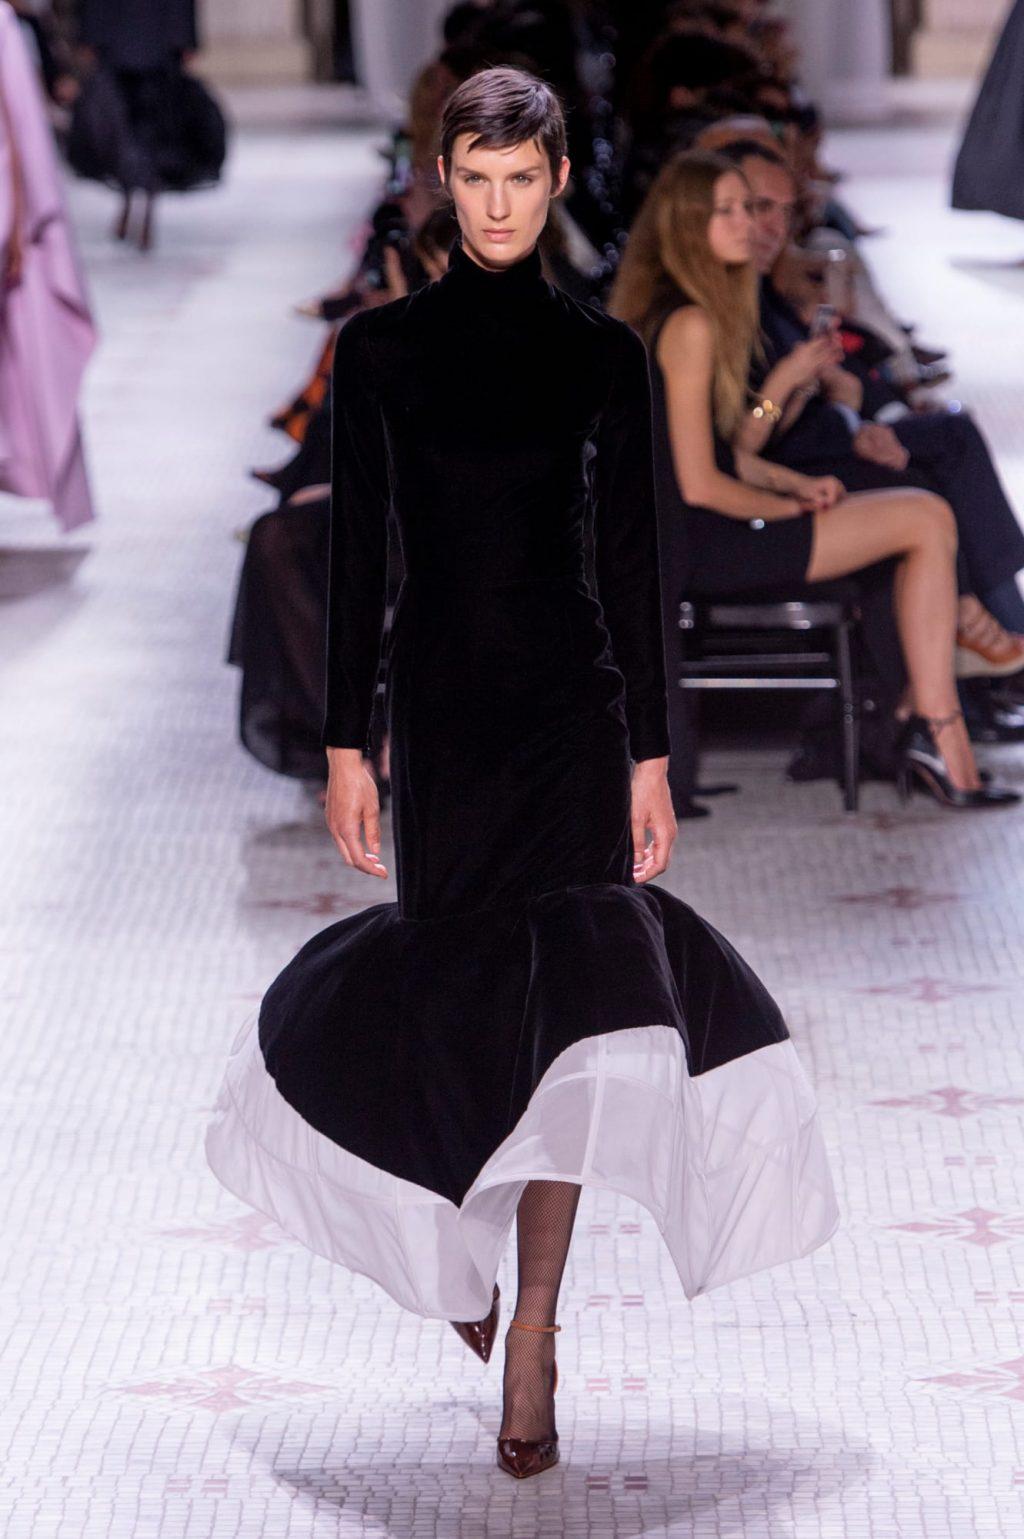 bộ sưu tập haute couture thu đông 2019 của givenchy